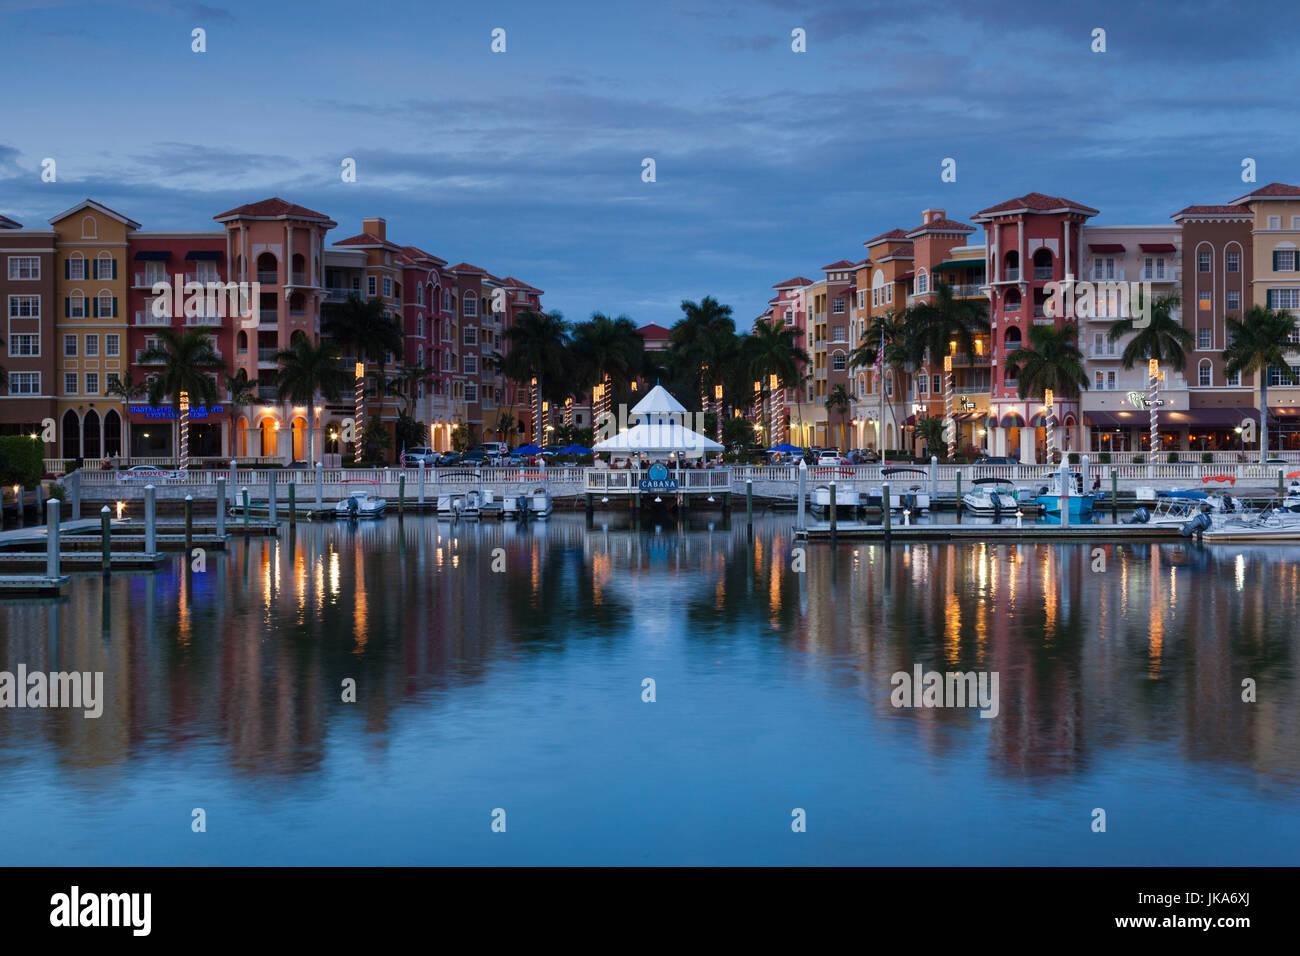 USA, Florida, Gulf Coast, Naples, Bayfront, dusk - Stock Image